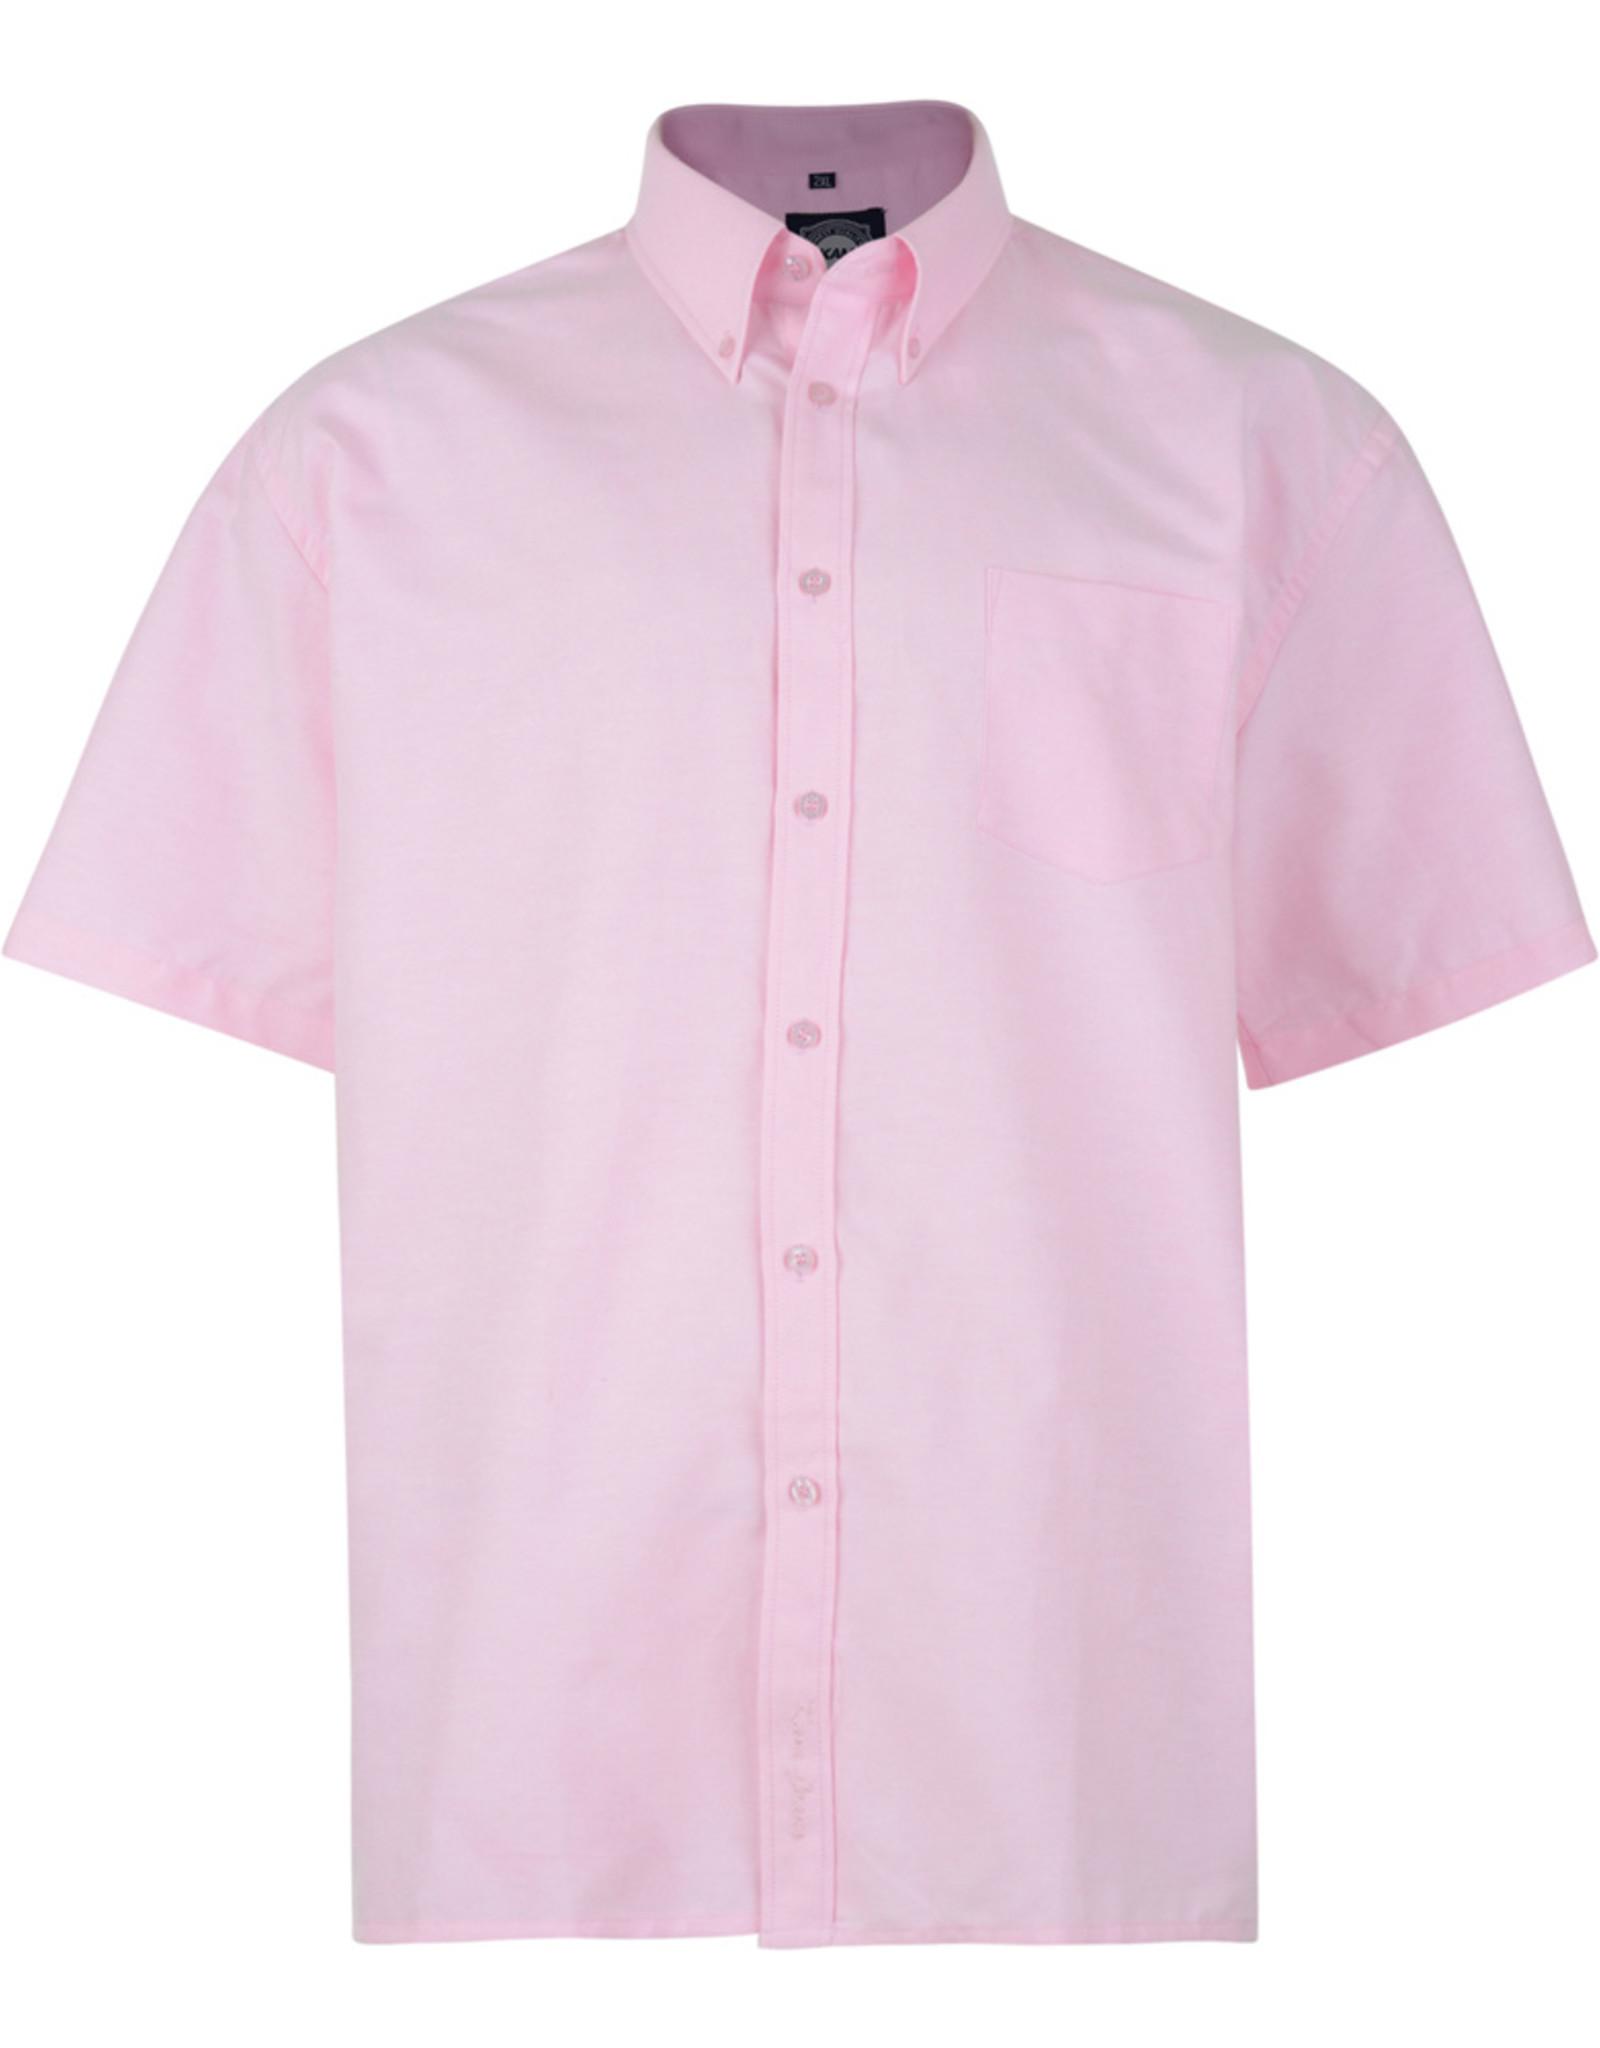 Kam Jeans OVERHEMD Oxford casual korte mouw roze